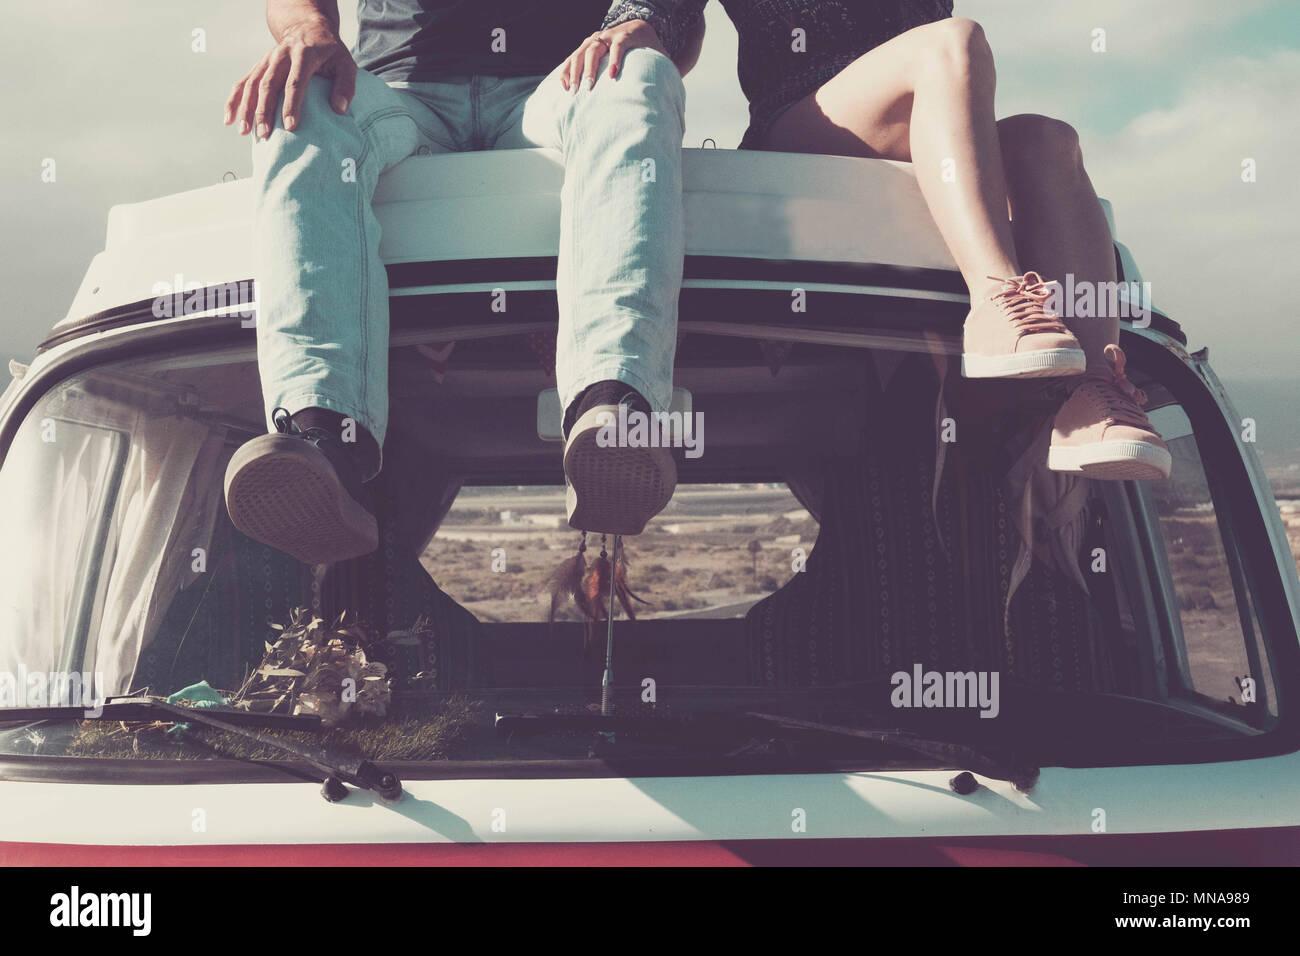 Disfrute de la vanlife. dos pares de patas joven sentada sobre la cima de un vintage retro van disfrutando del día. viajar y descubrir nuevos lugares como un desierto en b Imagen De Stock